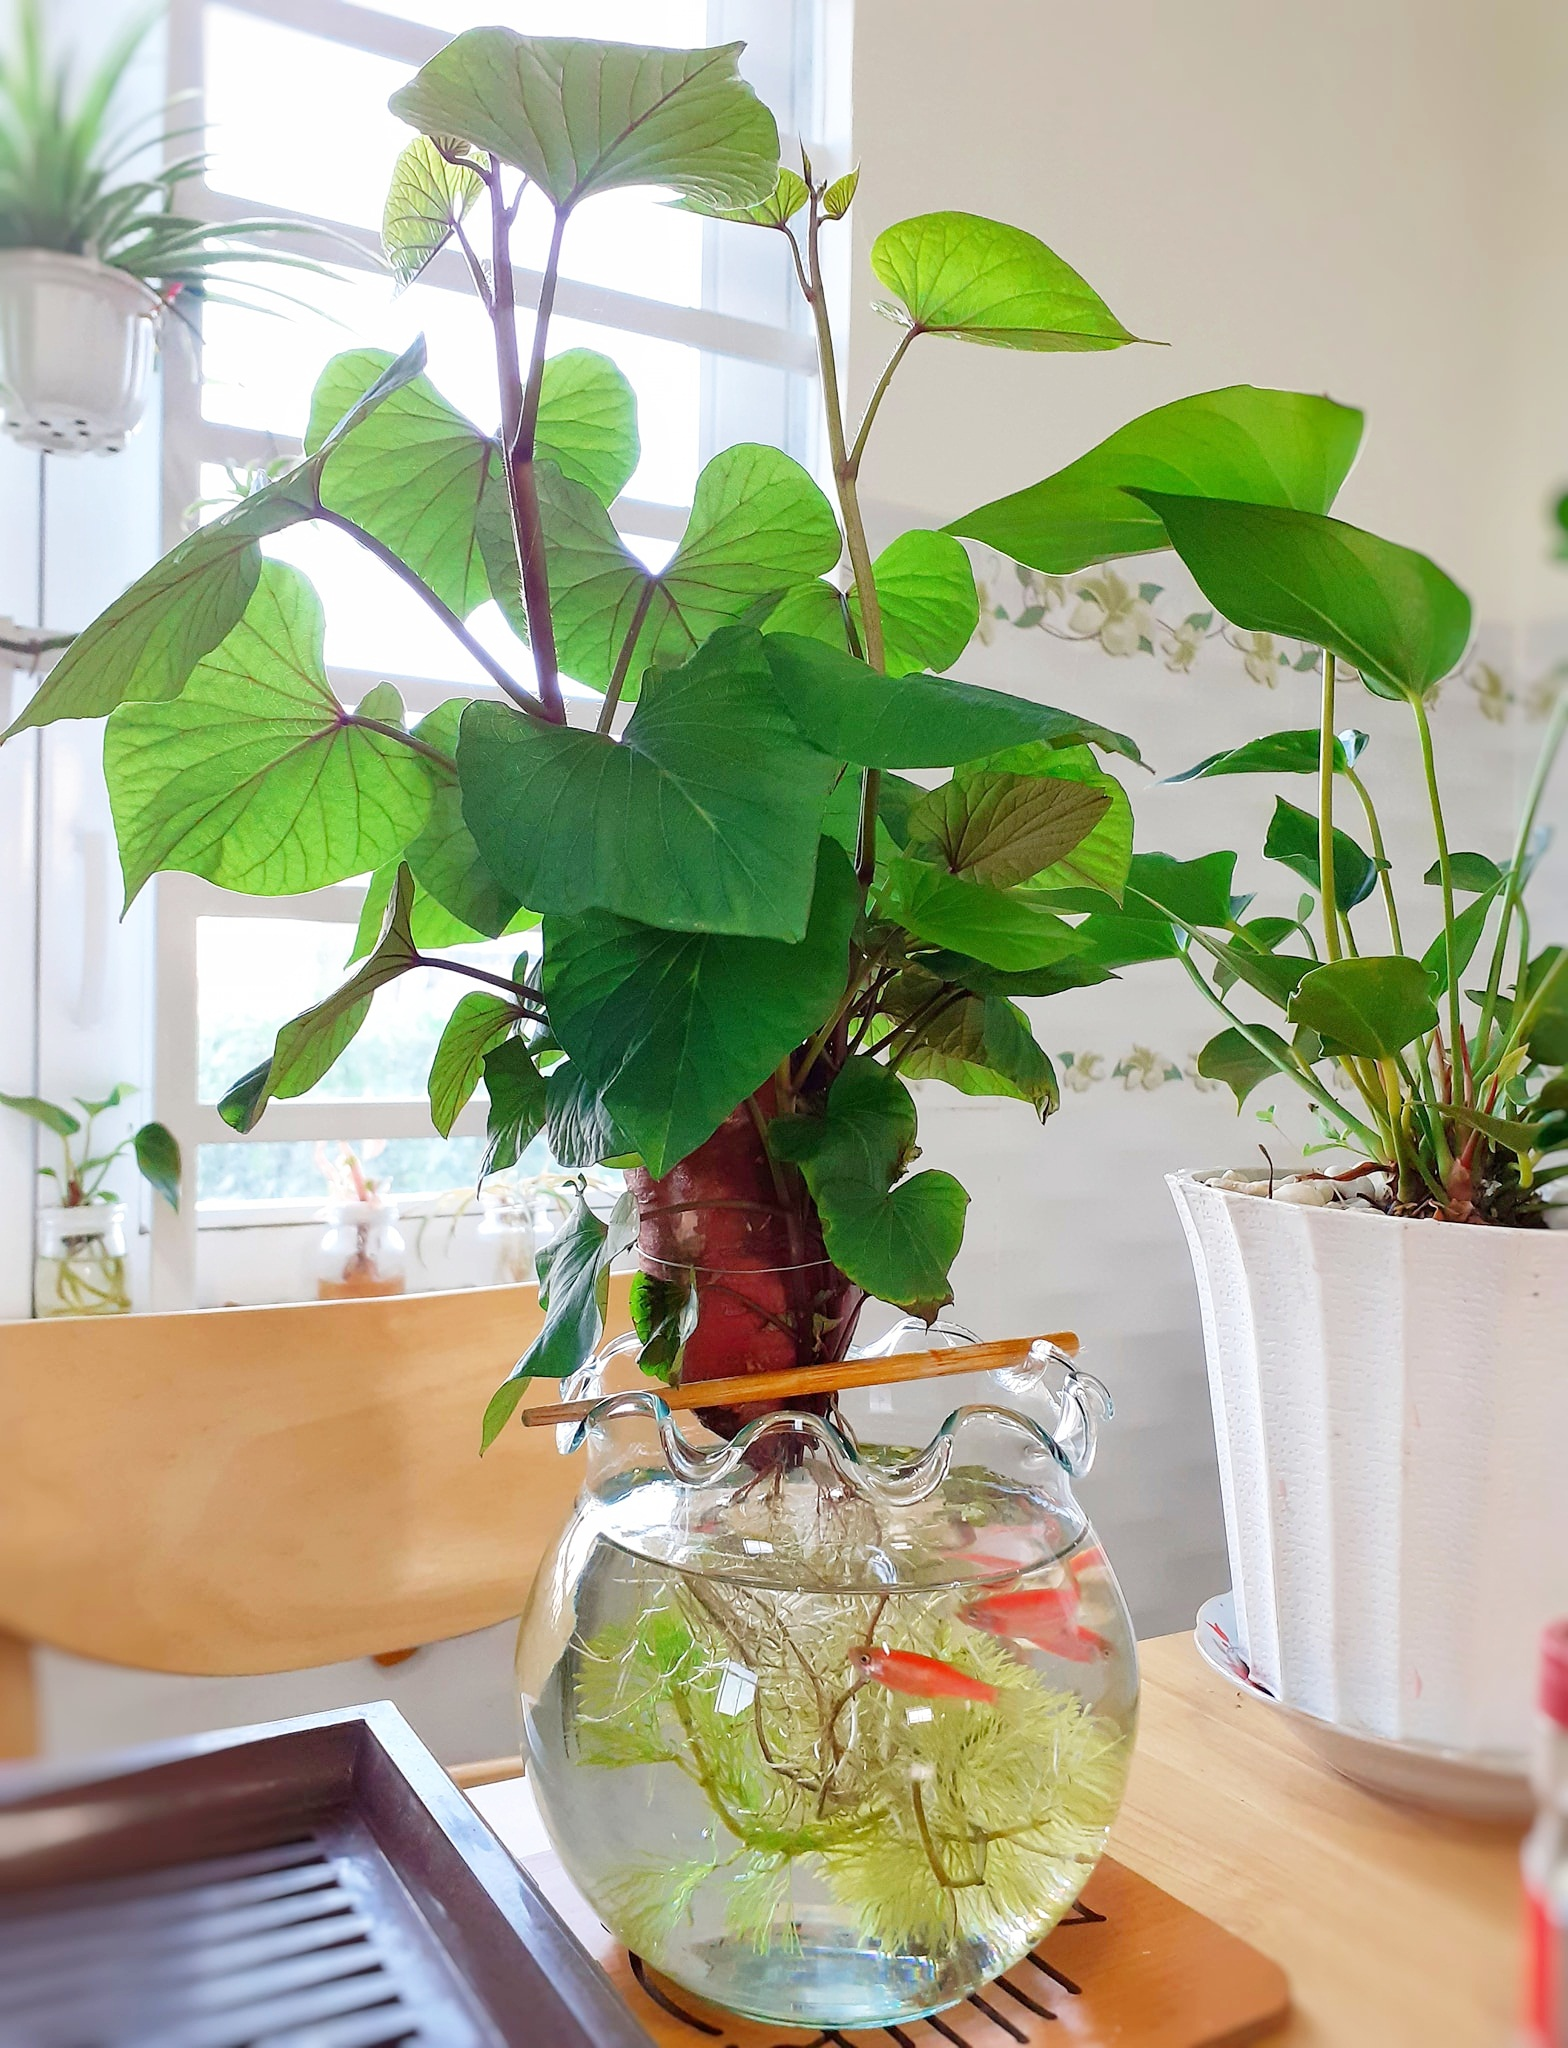 Trồng khoai lang bonsai làm đẹp nhà với các bước dễ vô cùng mà nói ra ai cũng sẽ làm được - Ảnh 9.